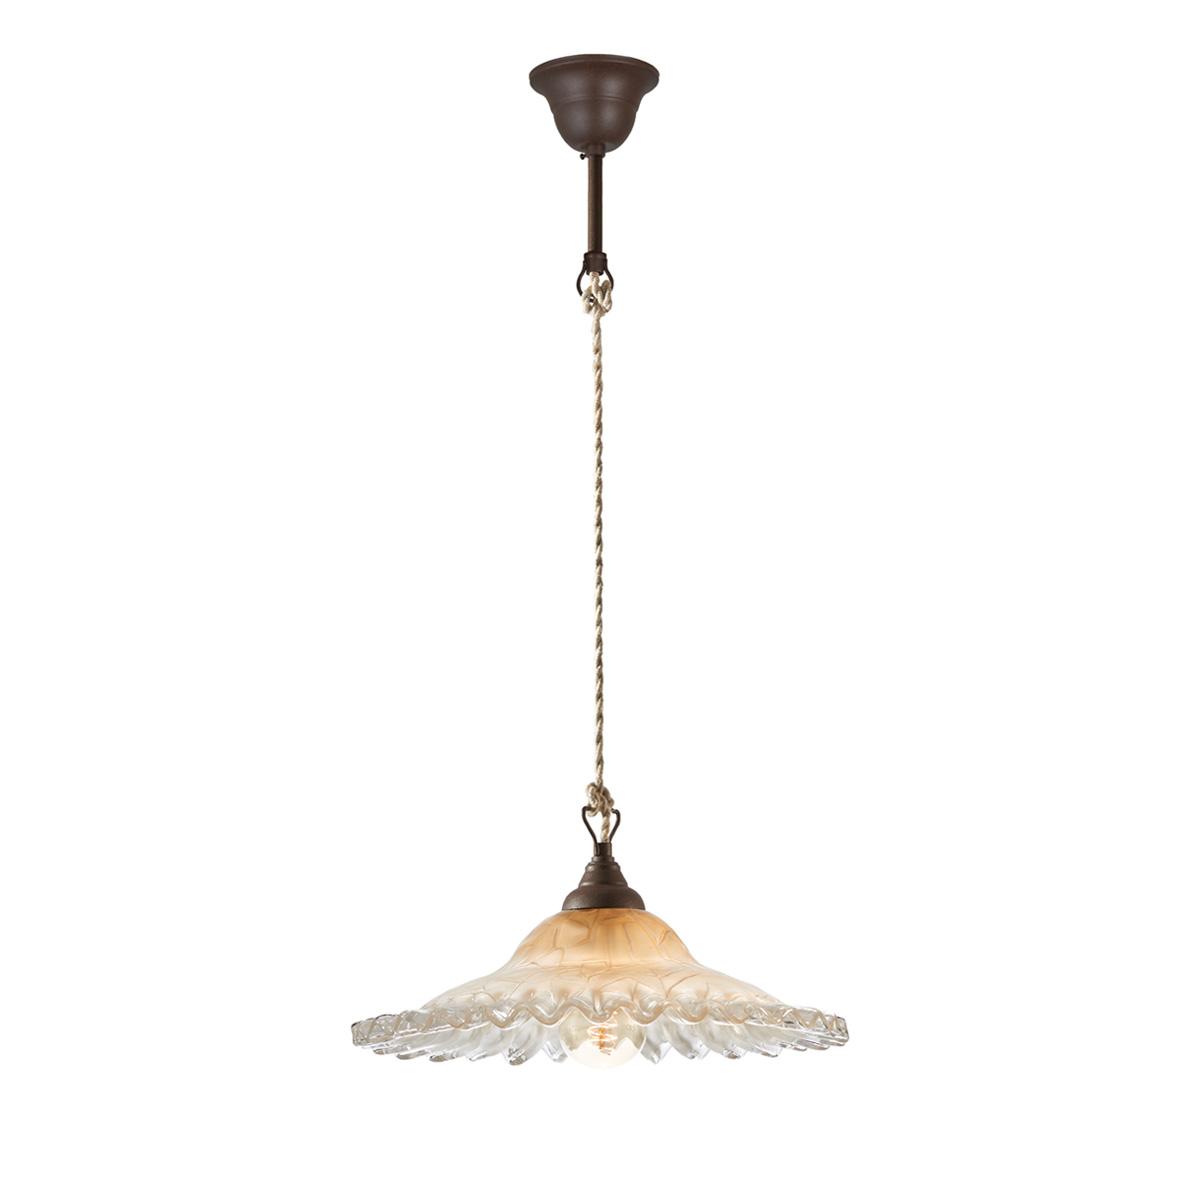 Παραδοσιακό φωτιστικό ΣΥΡΟΣ amber suspension lamp